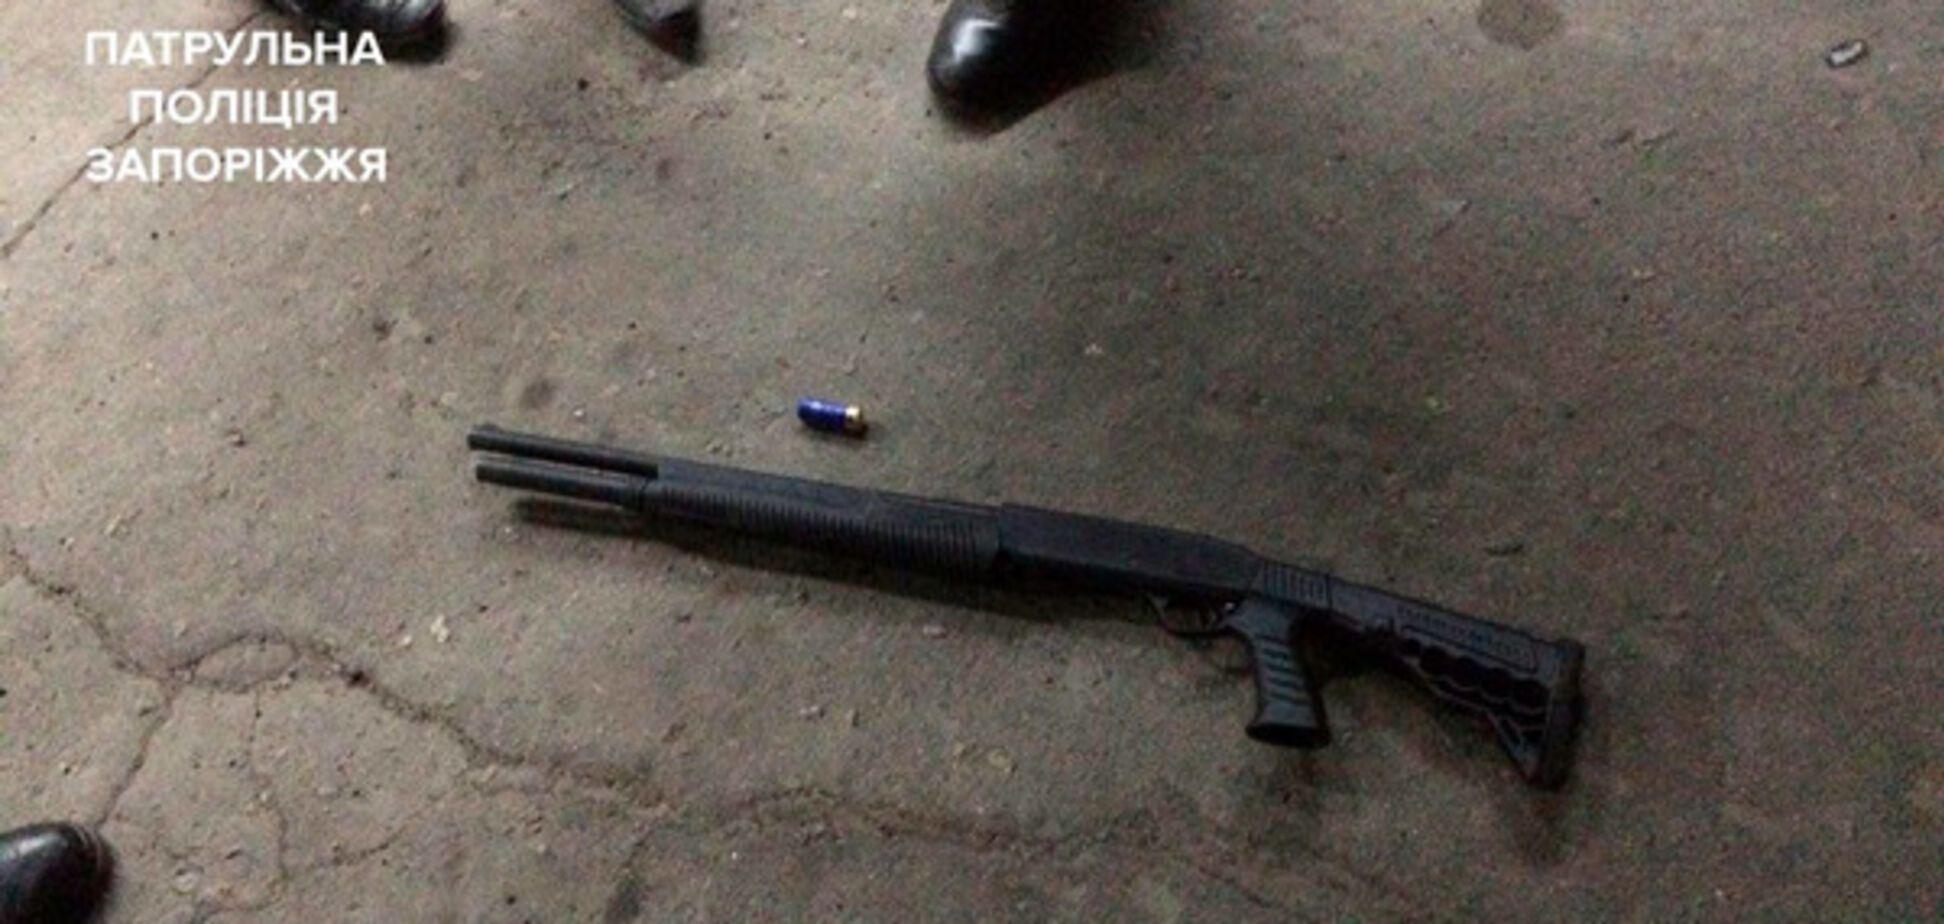 В Запорожье пьяный расстрелял посетителей ночного магазина из ружья (ВИДЕО, ФОТО)